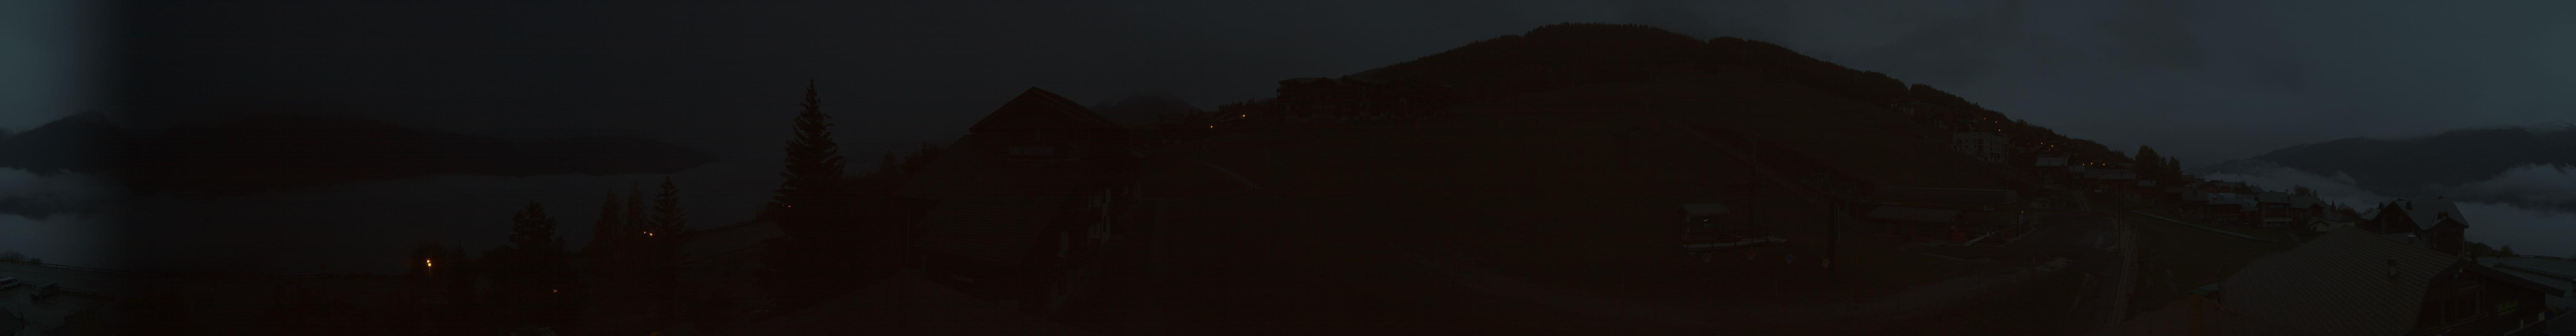 45h ago - 07:04